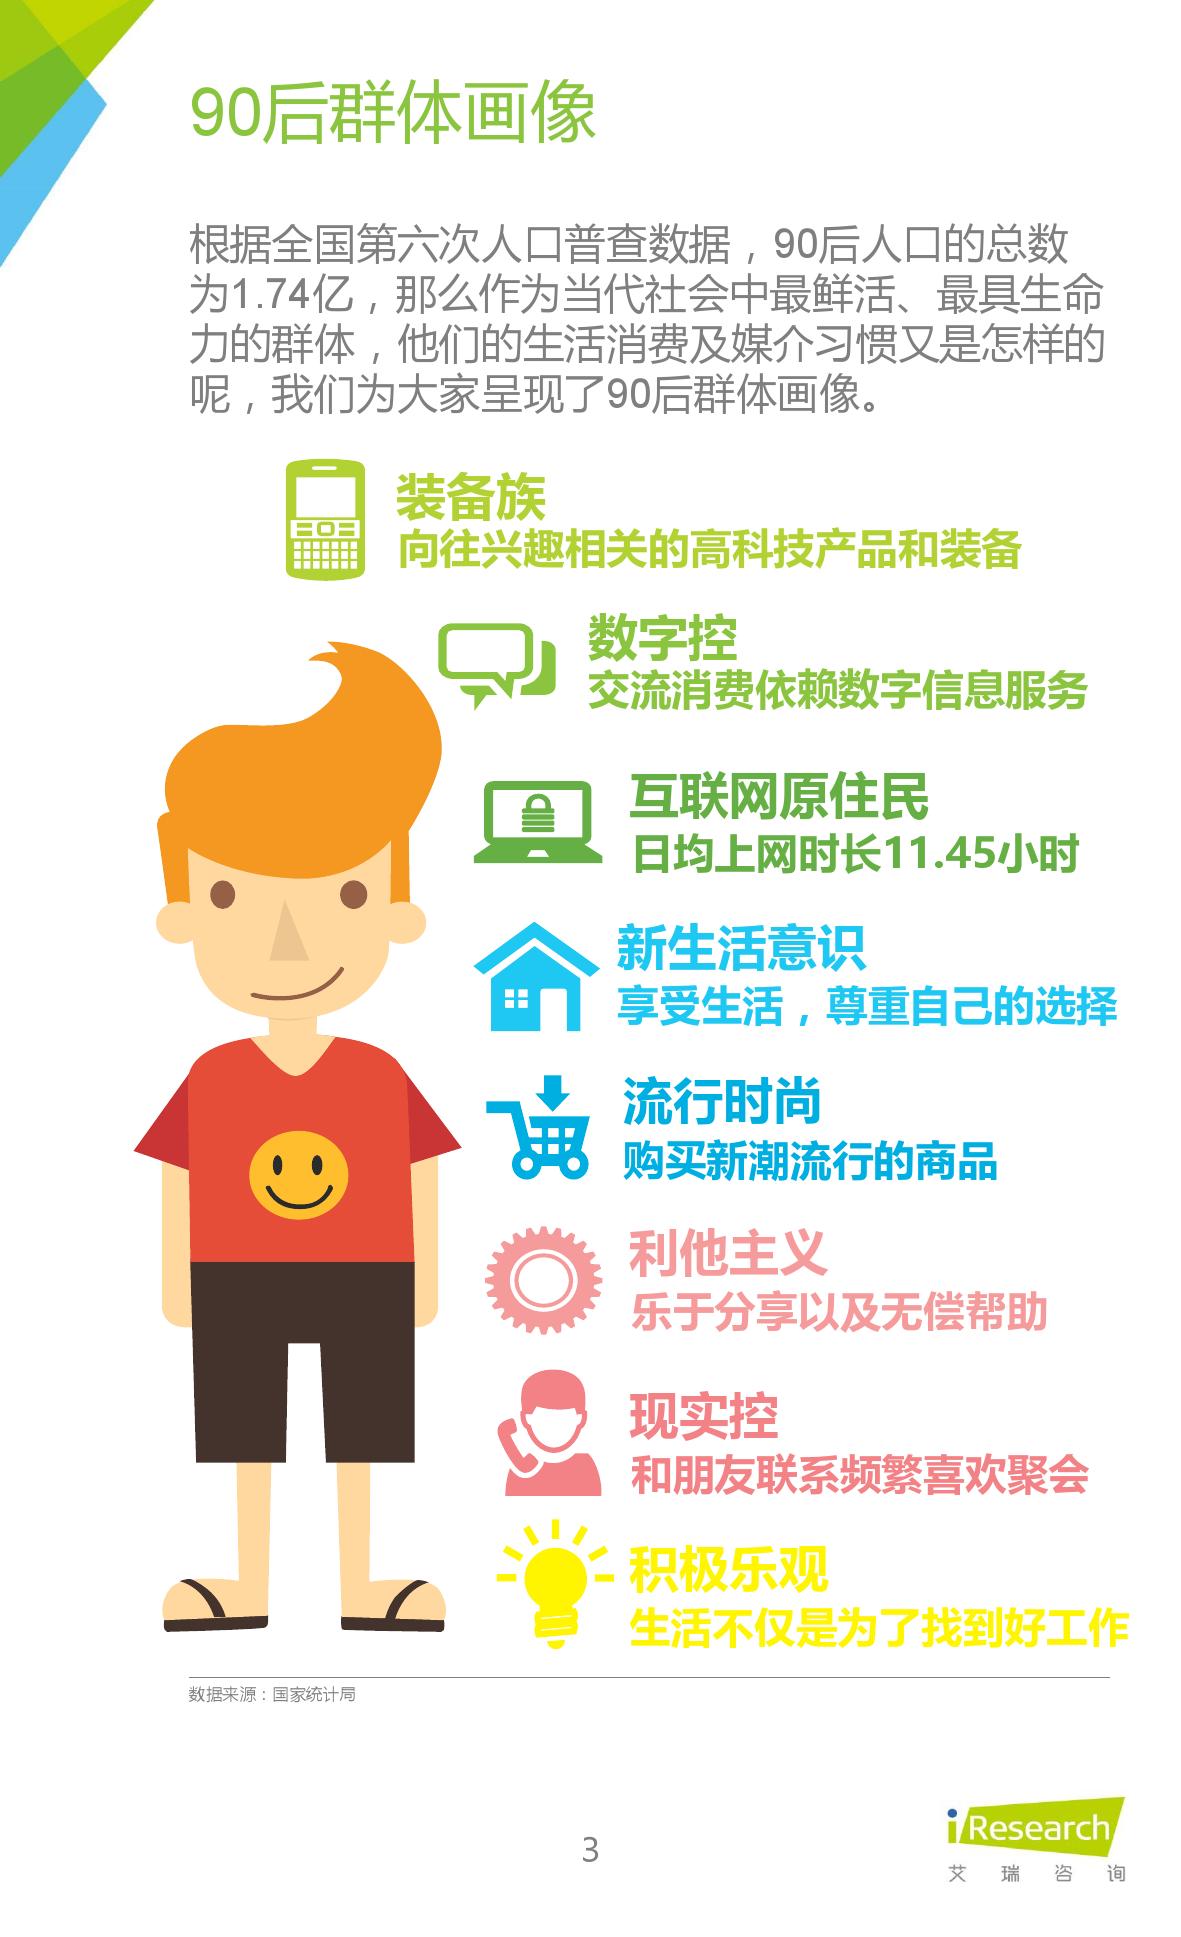 2016年中国90后汽车消费群体研究报告_000003